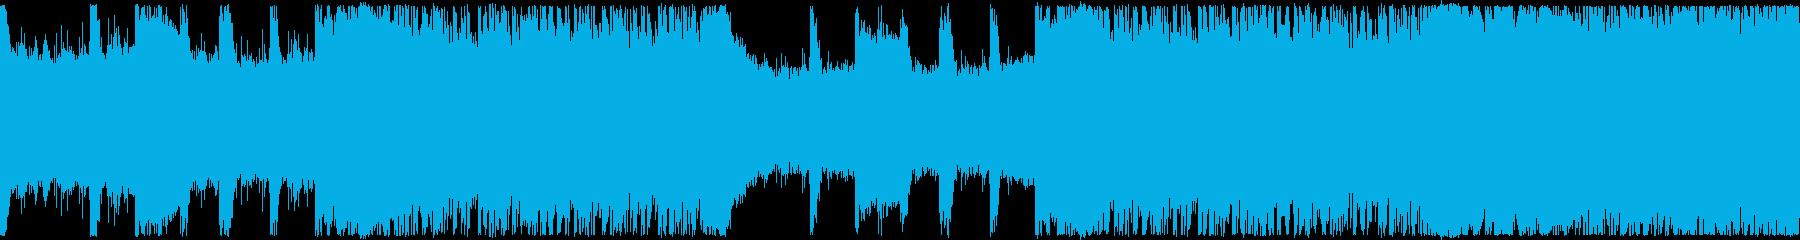 ゲーム・戦闘・かっこいいロック・ループの再生済みの波形